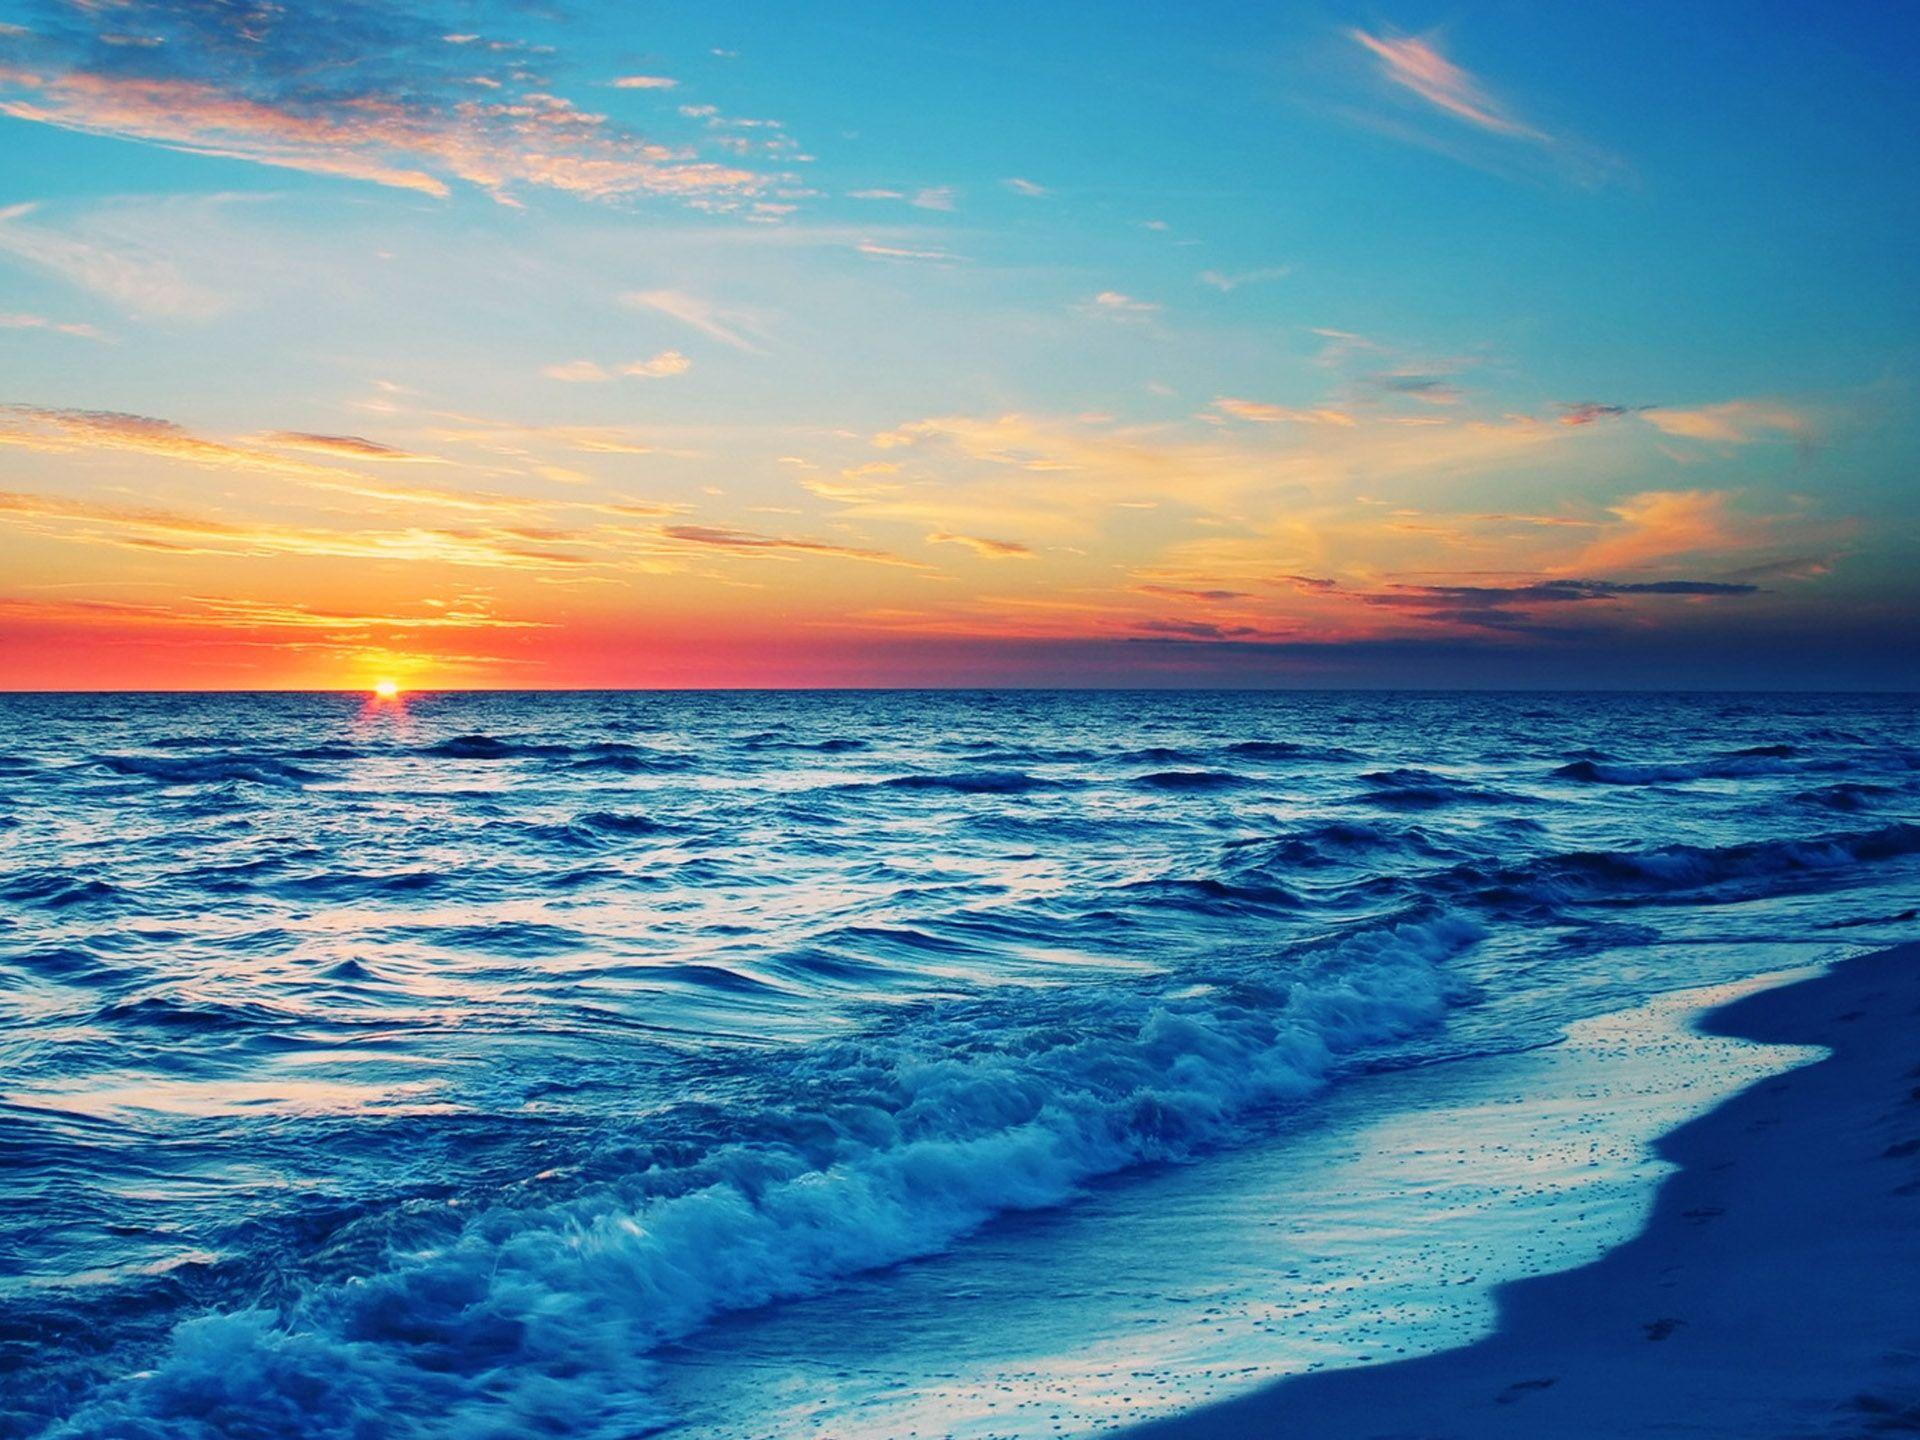 Beautiful Ocean Sunset Wallpapers - Wallpaper Cave